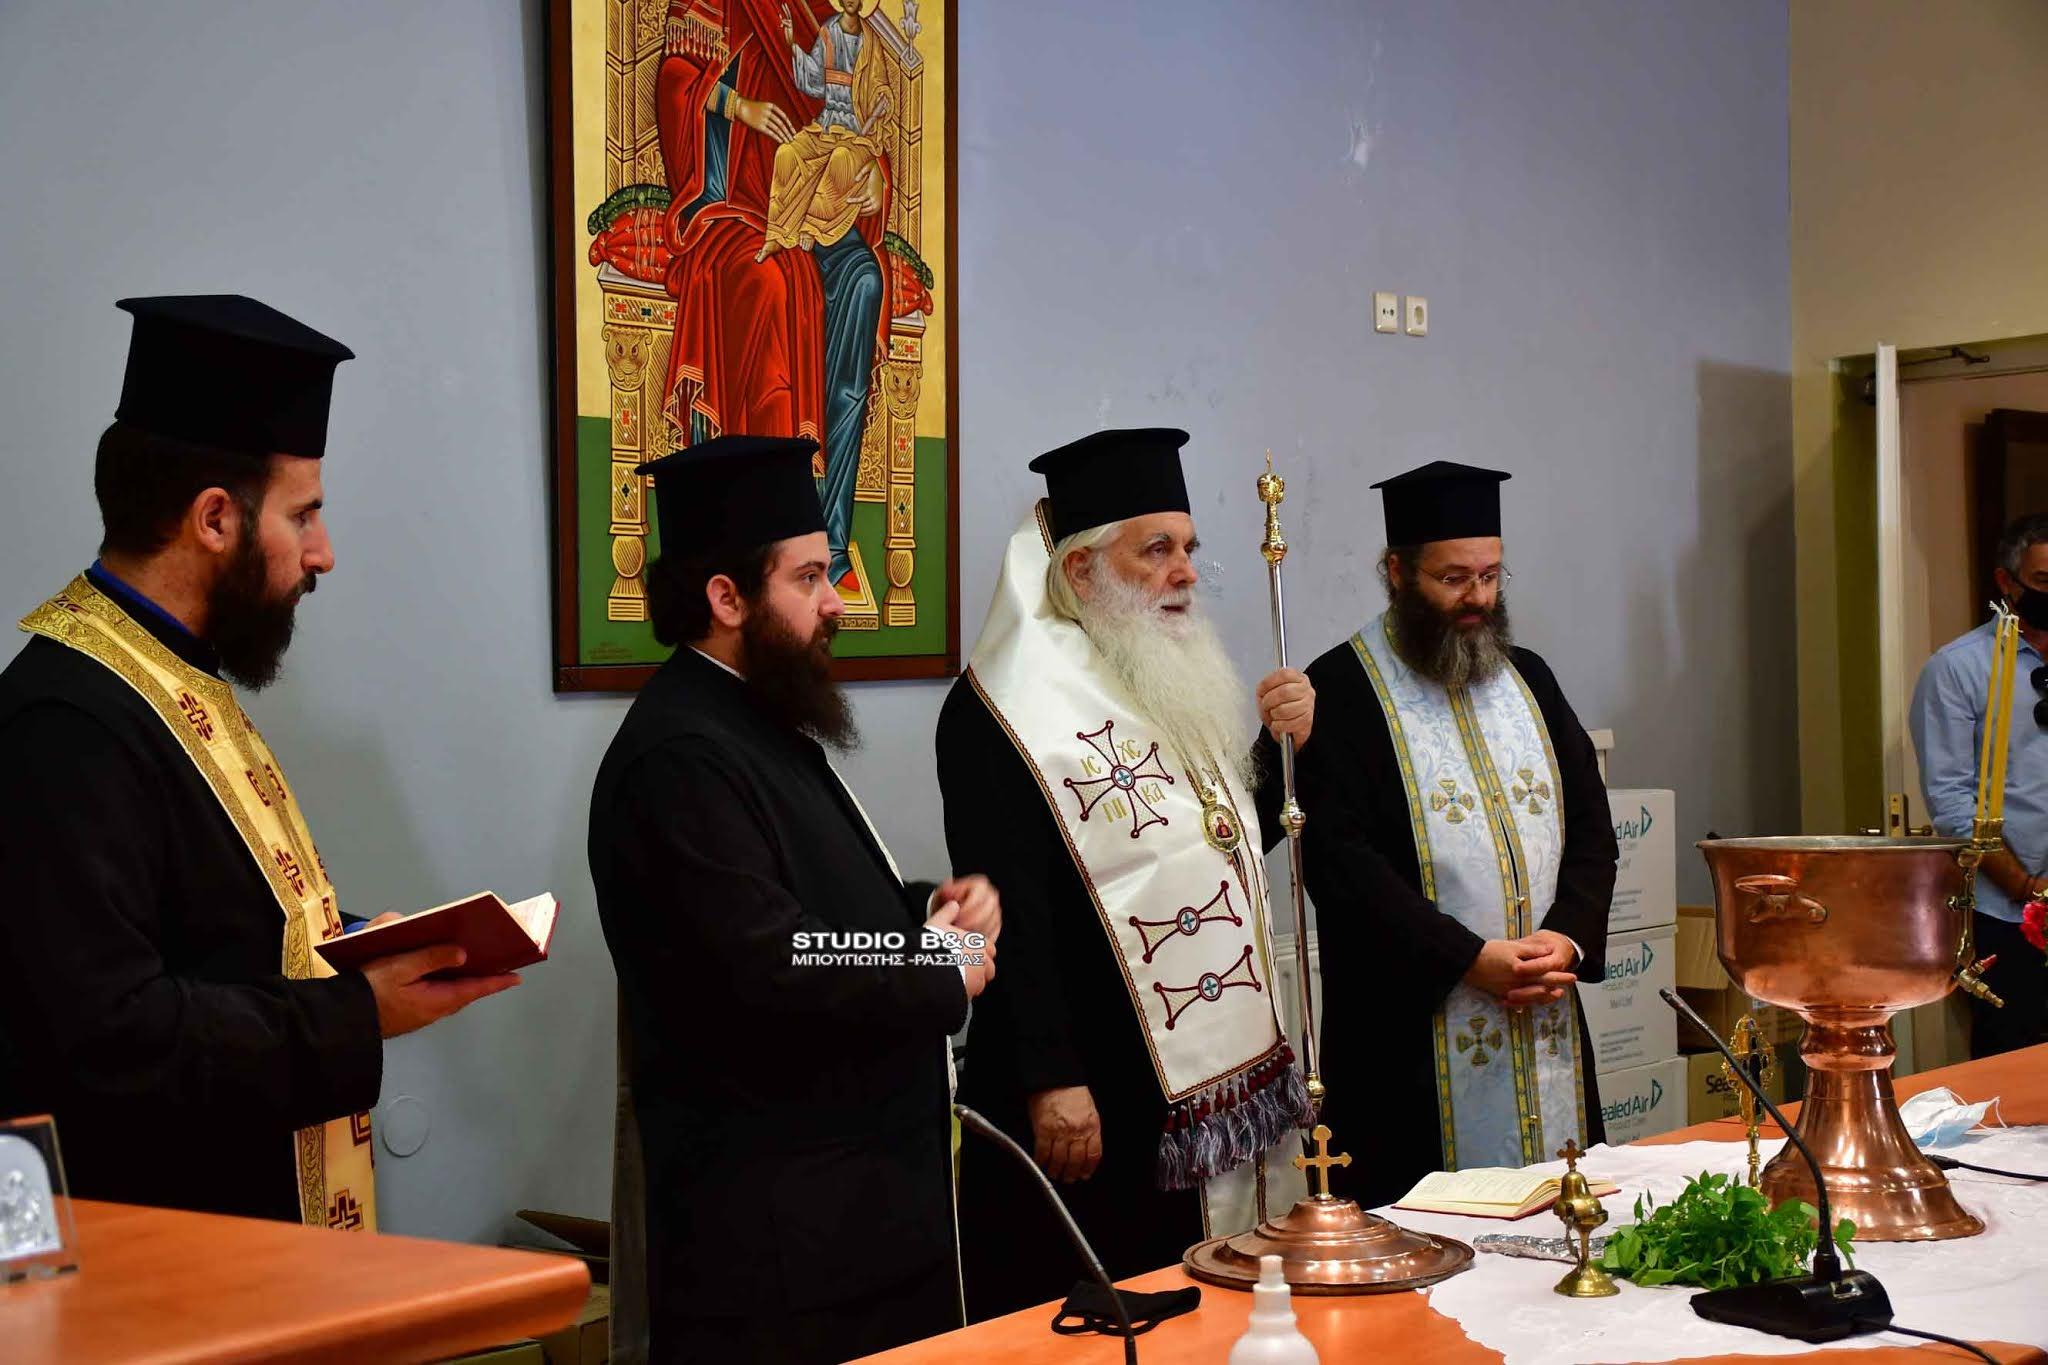 Αγιασμός και κατατακτήριες εξετάσεις στη Σχολή Βυζαντινής Μουσικής της Μητροπόλεως Αργολίδος